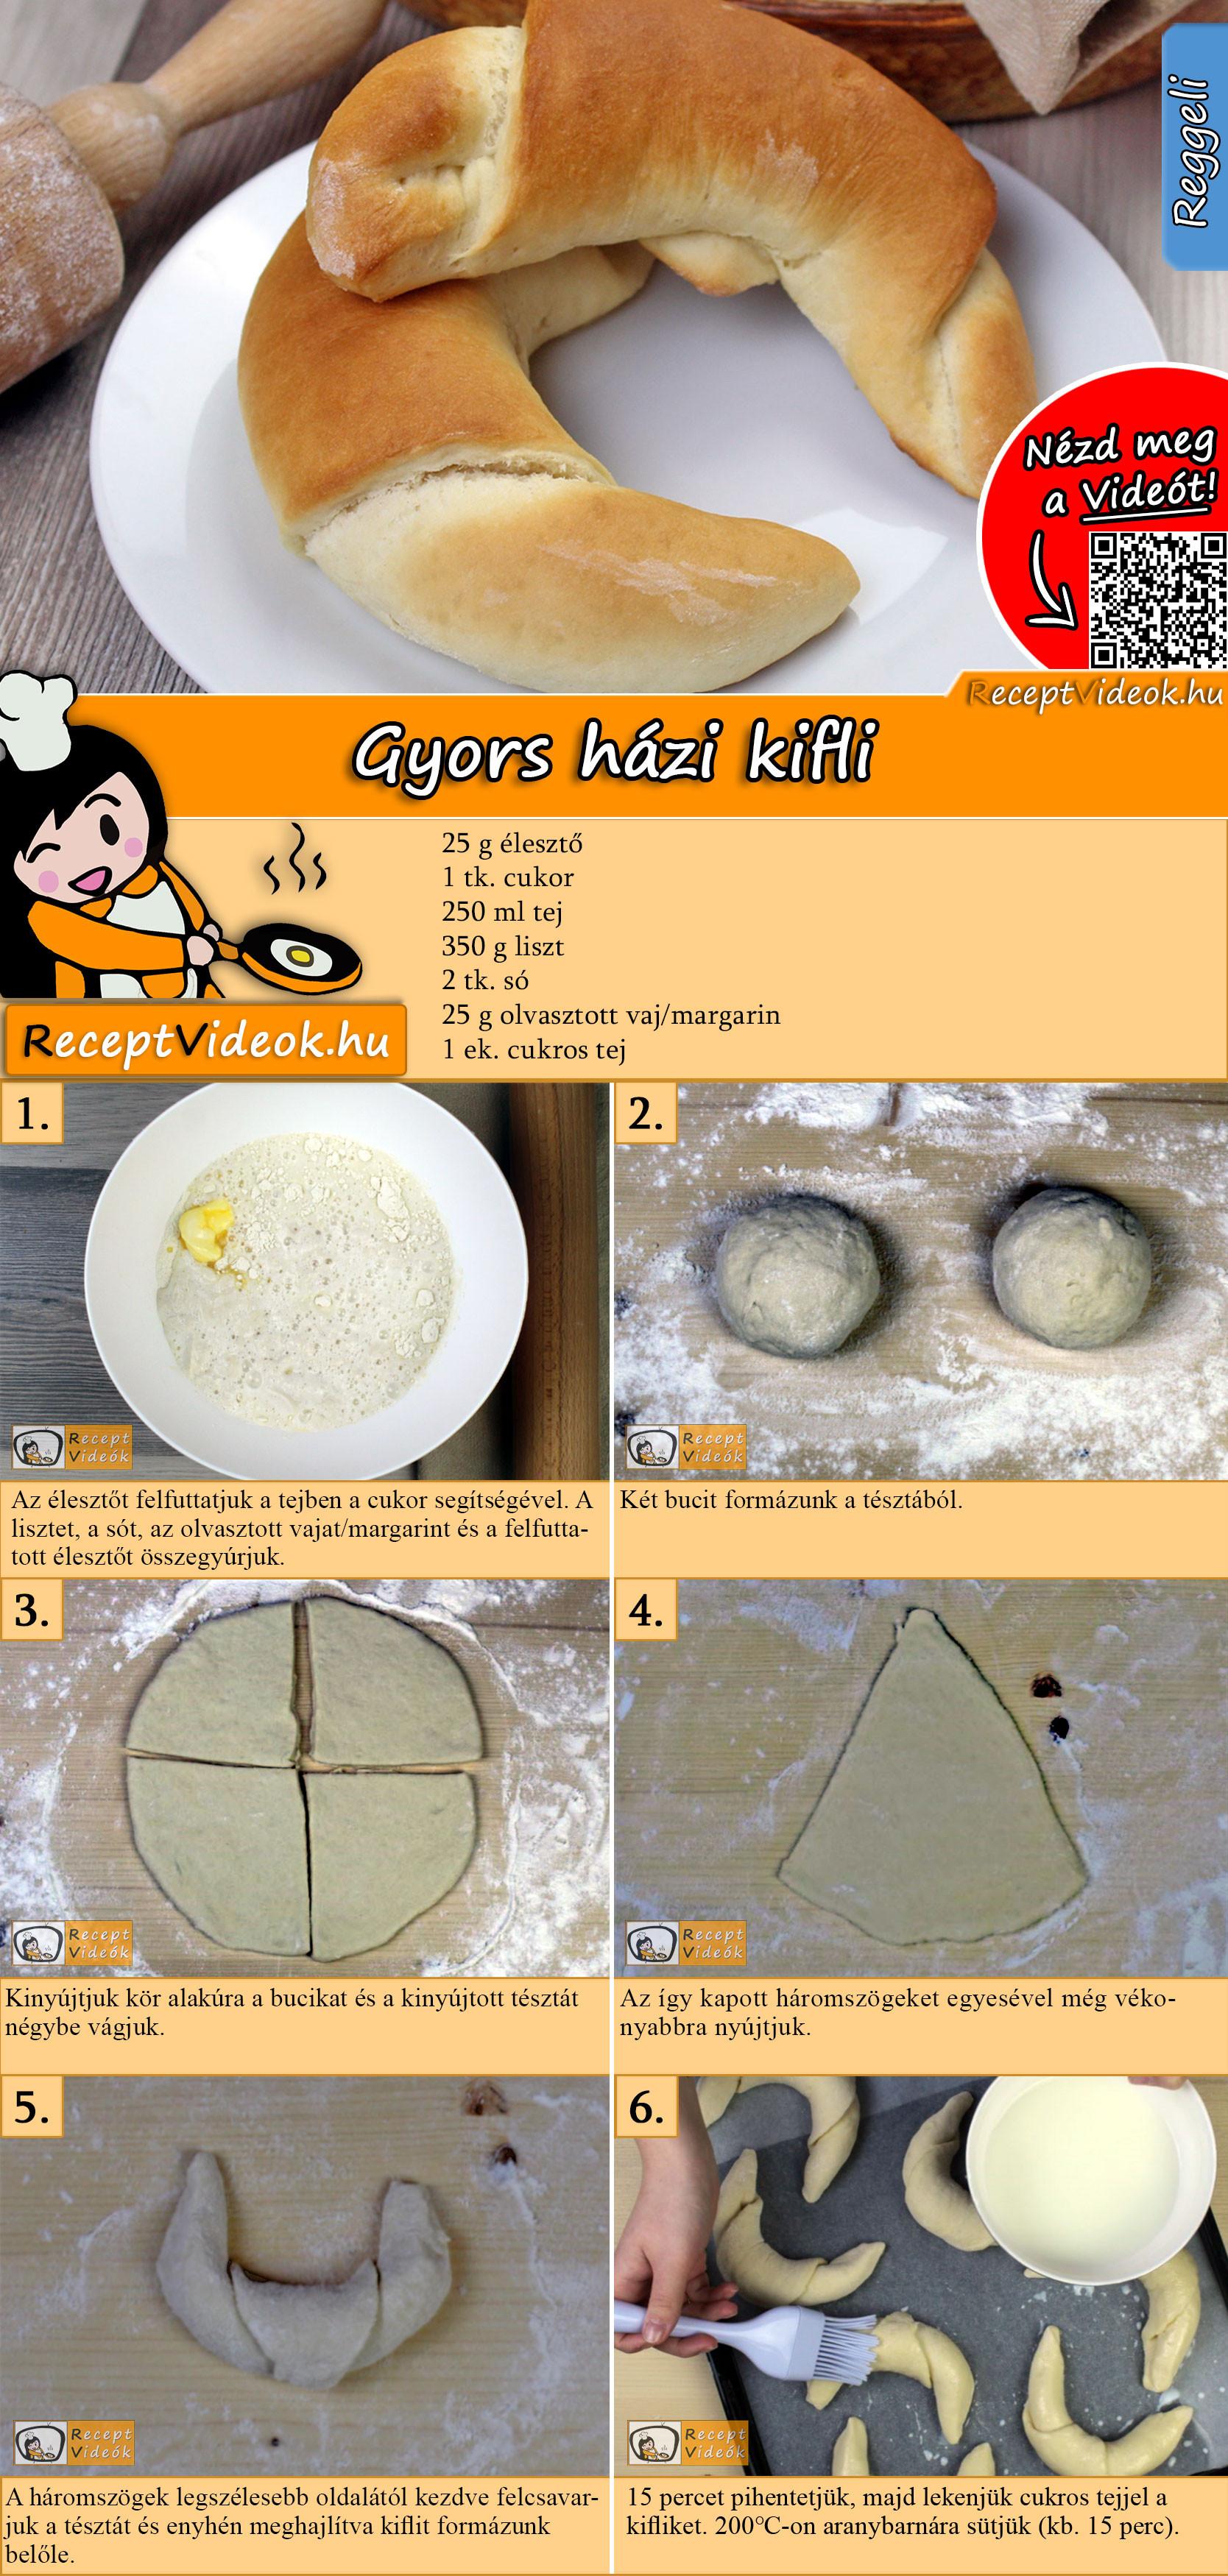 Gyors házi kifli recept elkészítése videóval